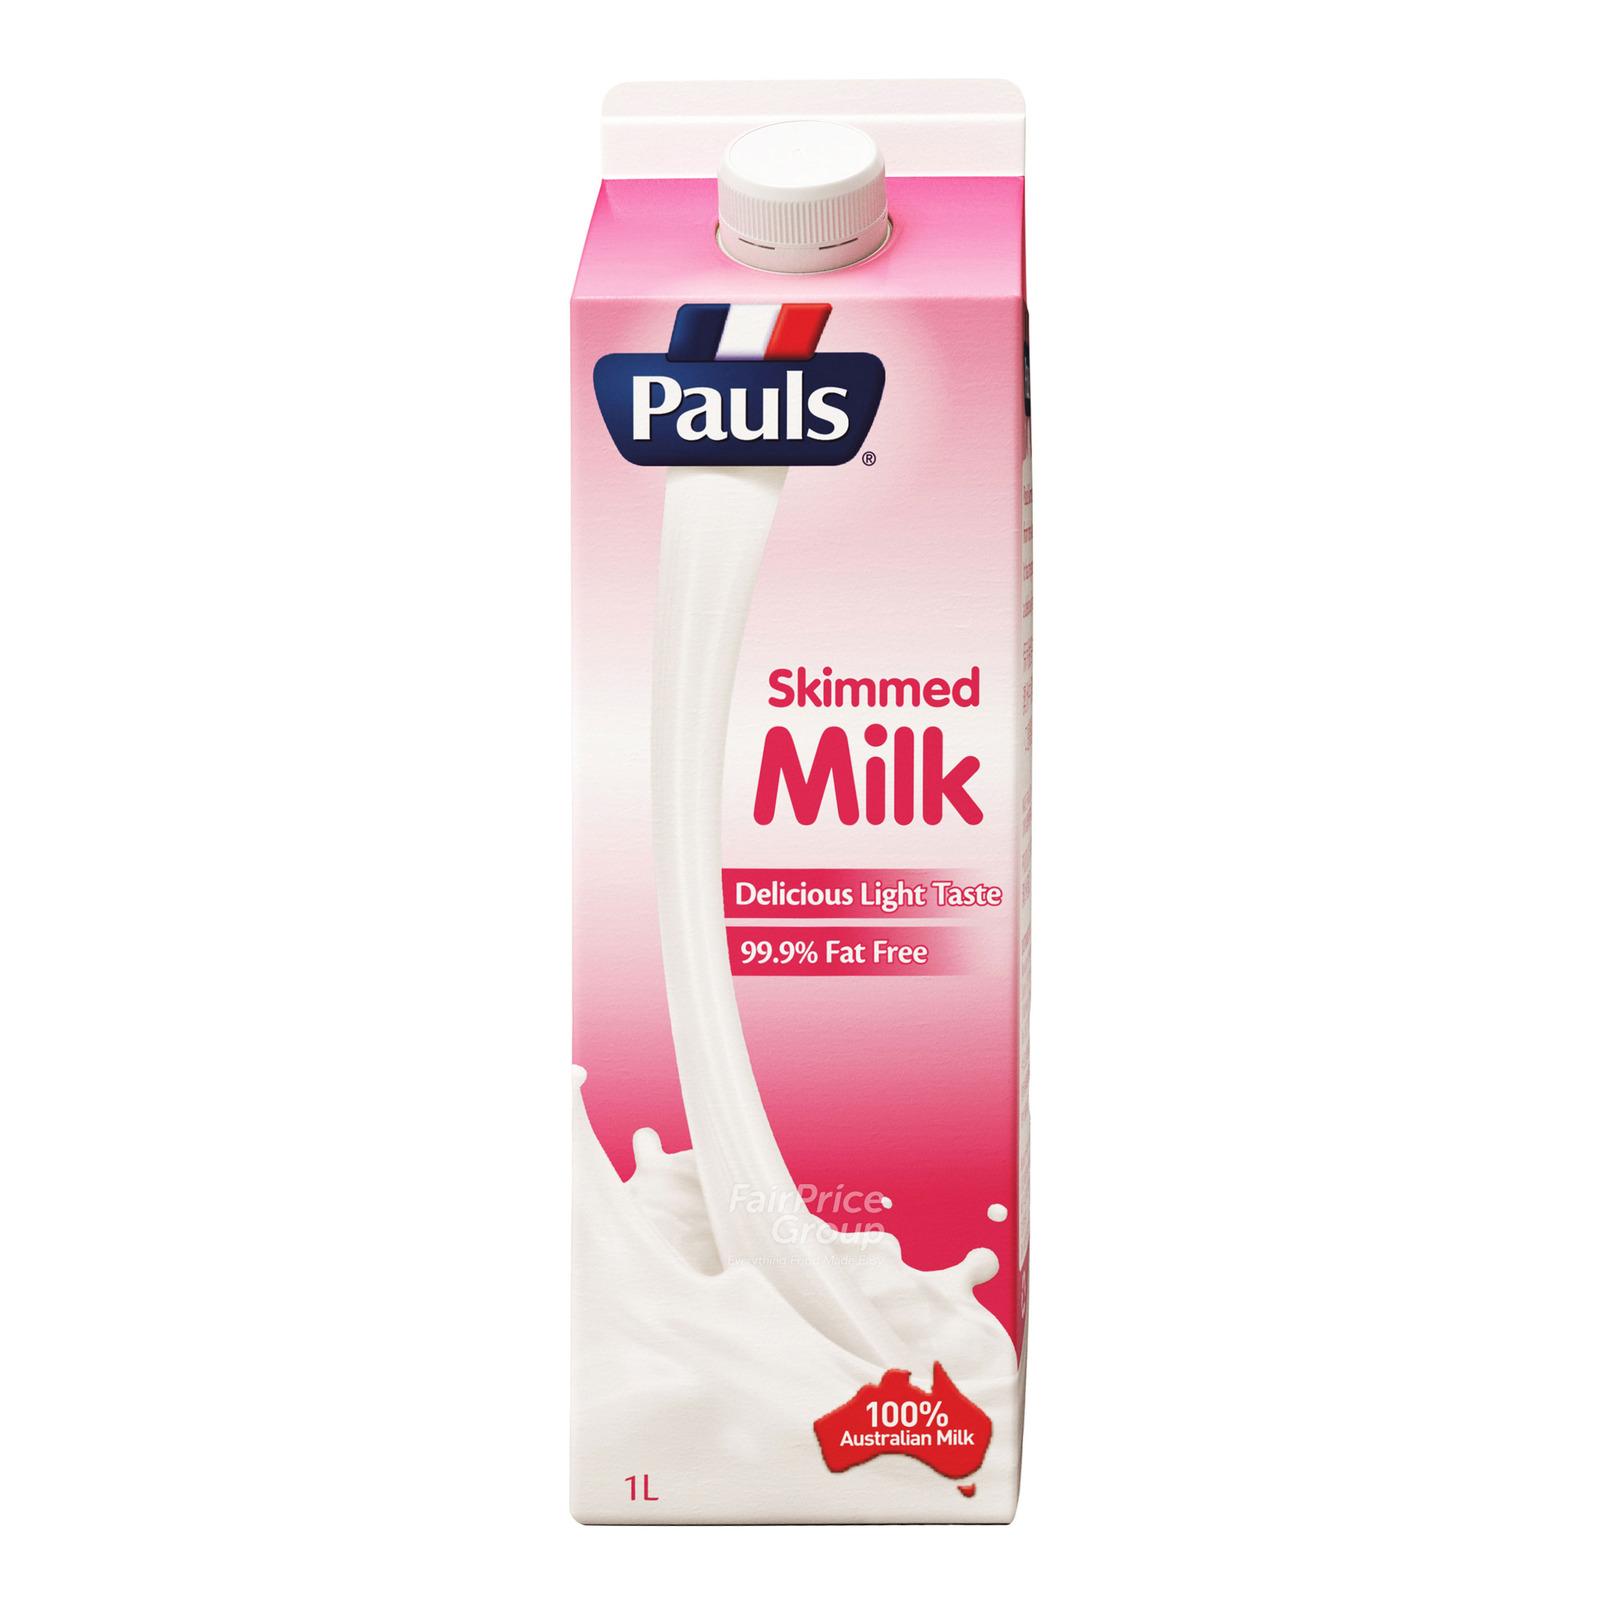 Paul's Fresh Milk - Skimmed